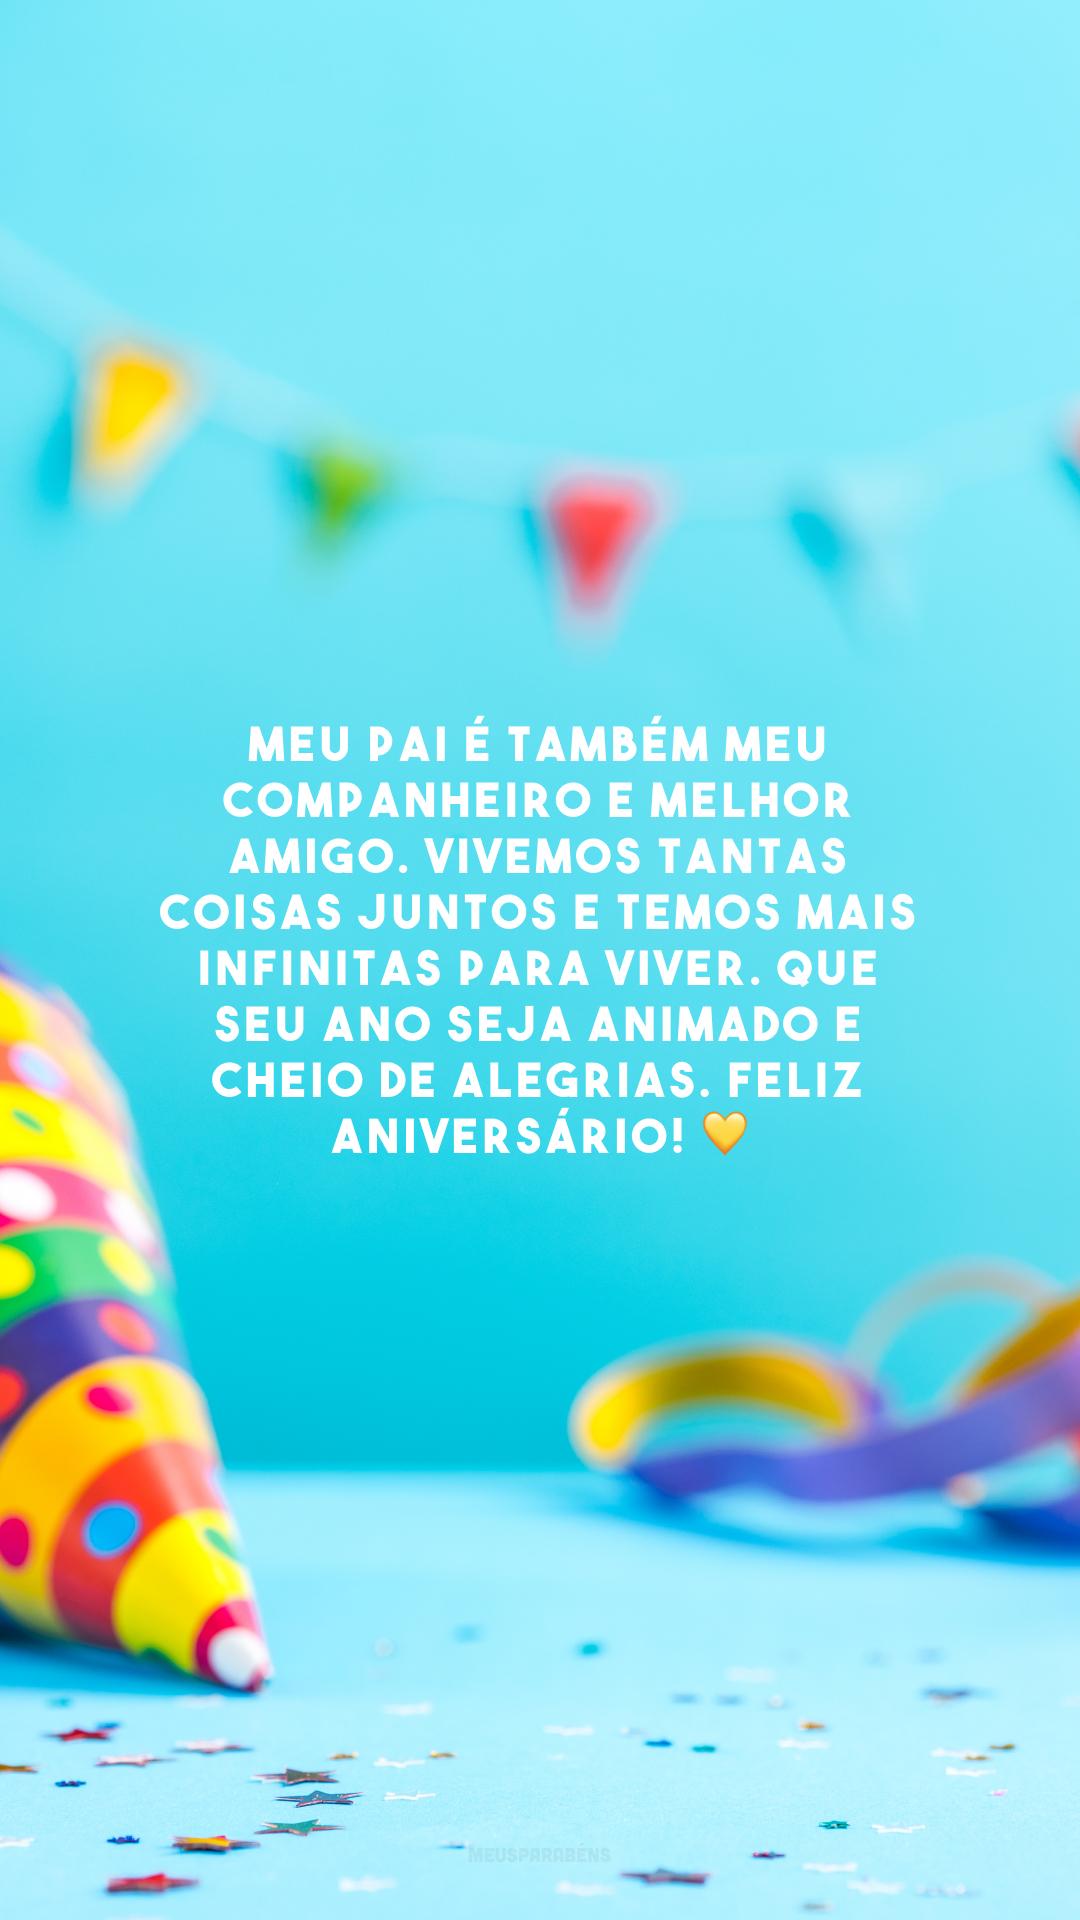 Meu pai é também meu companheiro e melhor amigo. Vivemos tantas coisas juntos e temos mais infinitas para viver. Que seu ano seja animado e cheio de alegrias. Feliz aniversário! 💛